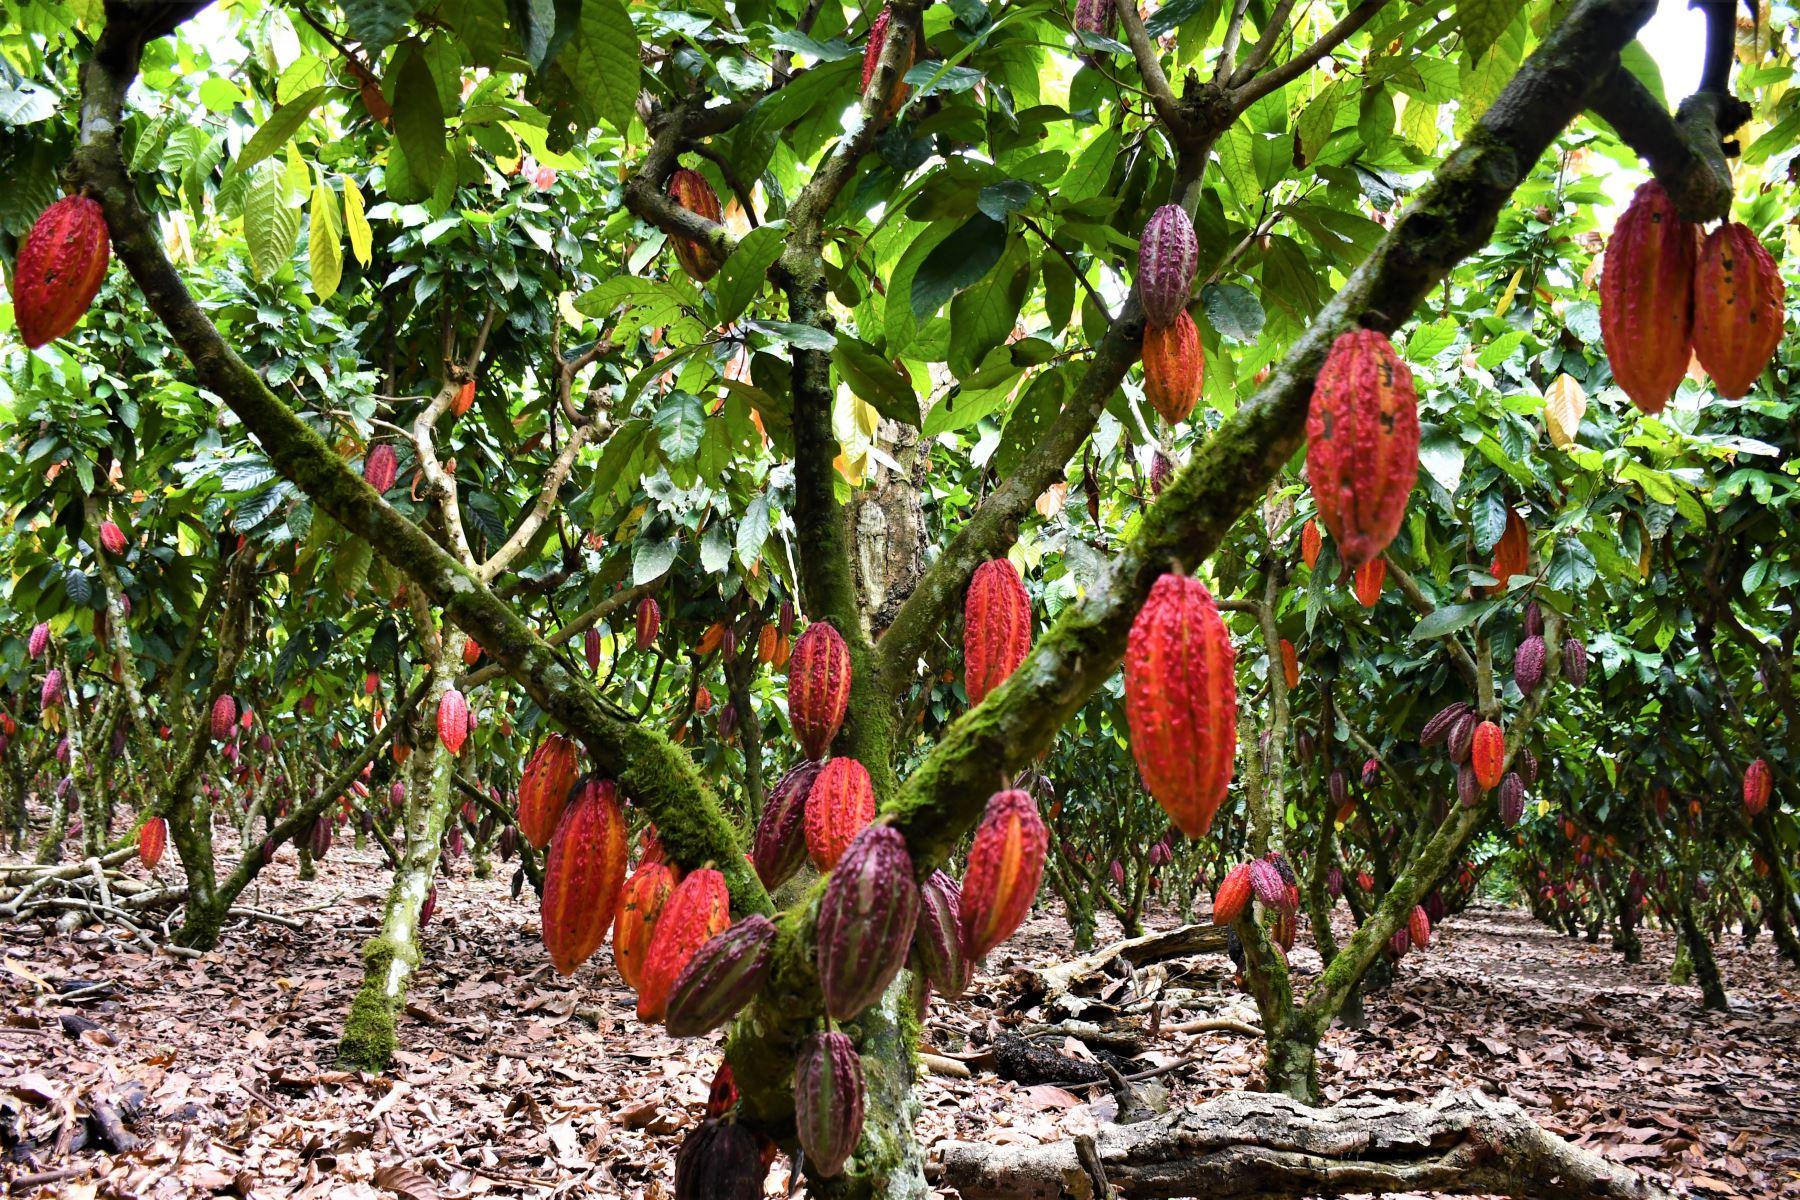 El cacao es uno de los cultivos que corren más peligro por el déficit de lluvias y fuerte calor que afecta a la región San Martín. ANDINA/Difusión